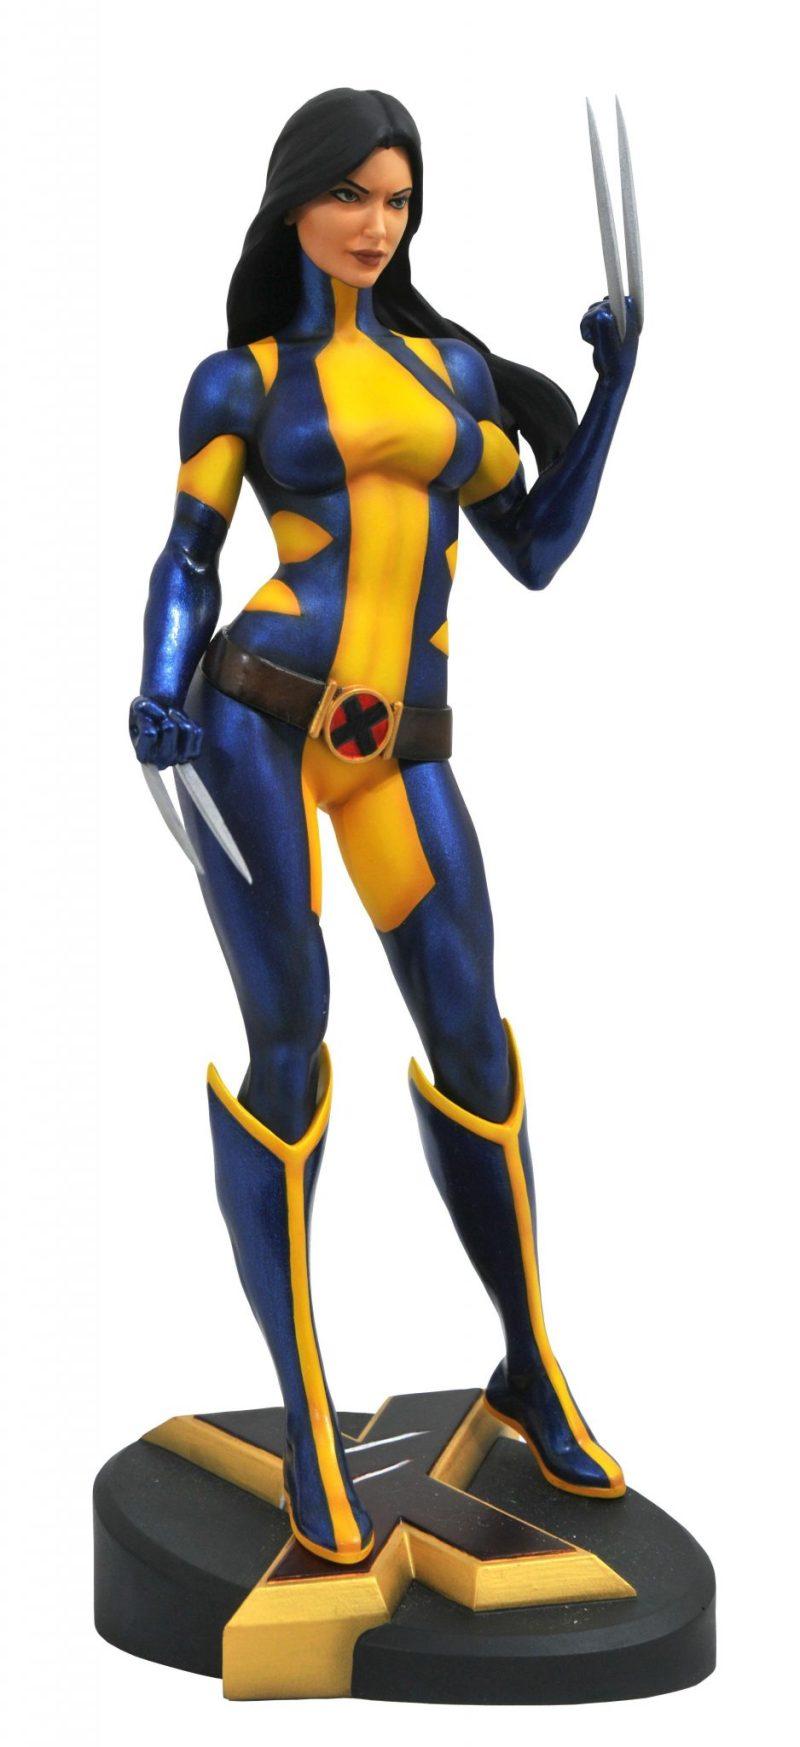 Wolverine desmascarada - Marvel Gallery - Diammond - Os melhores colecionáveis exclusivos da SDCC 2018